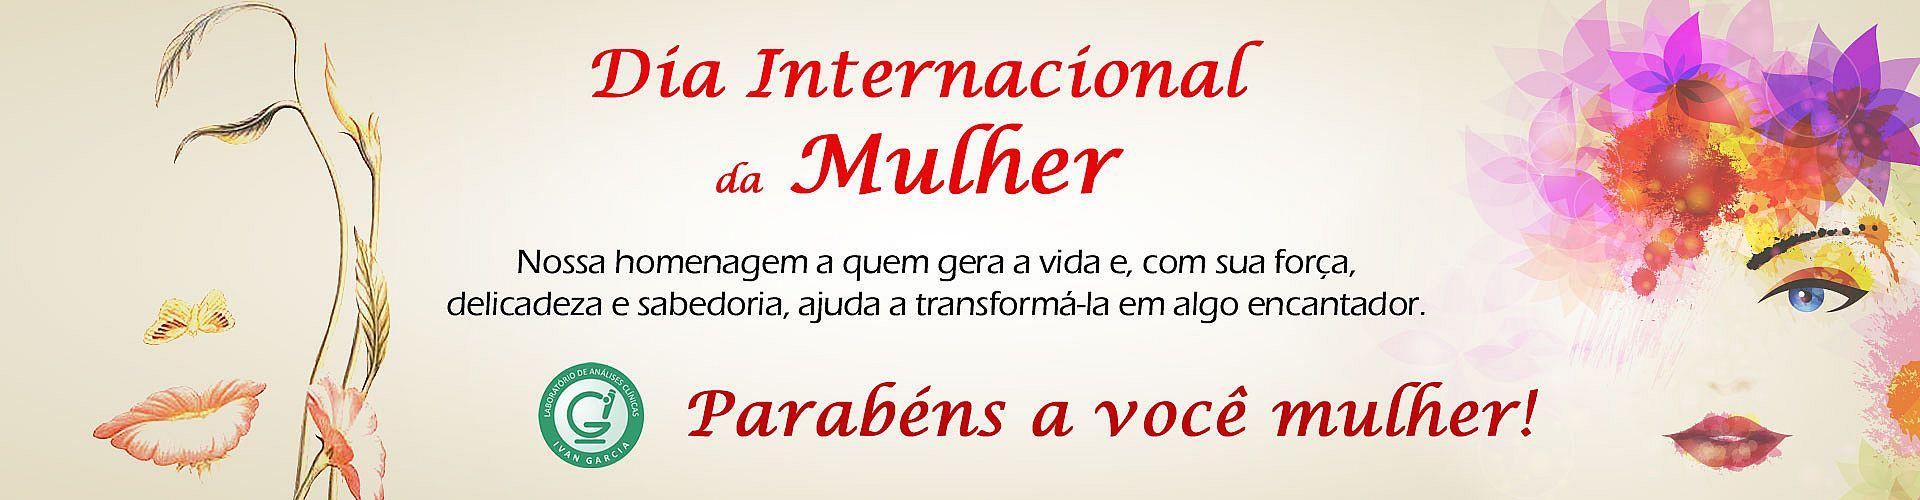 Dia Internacional da Mulher - Laboratório Ivan Garcia